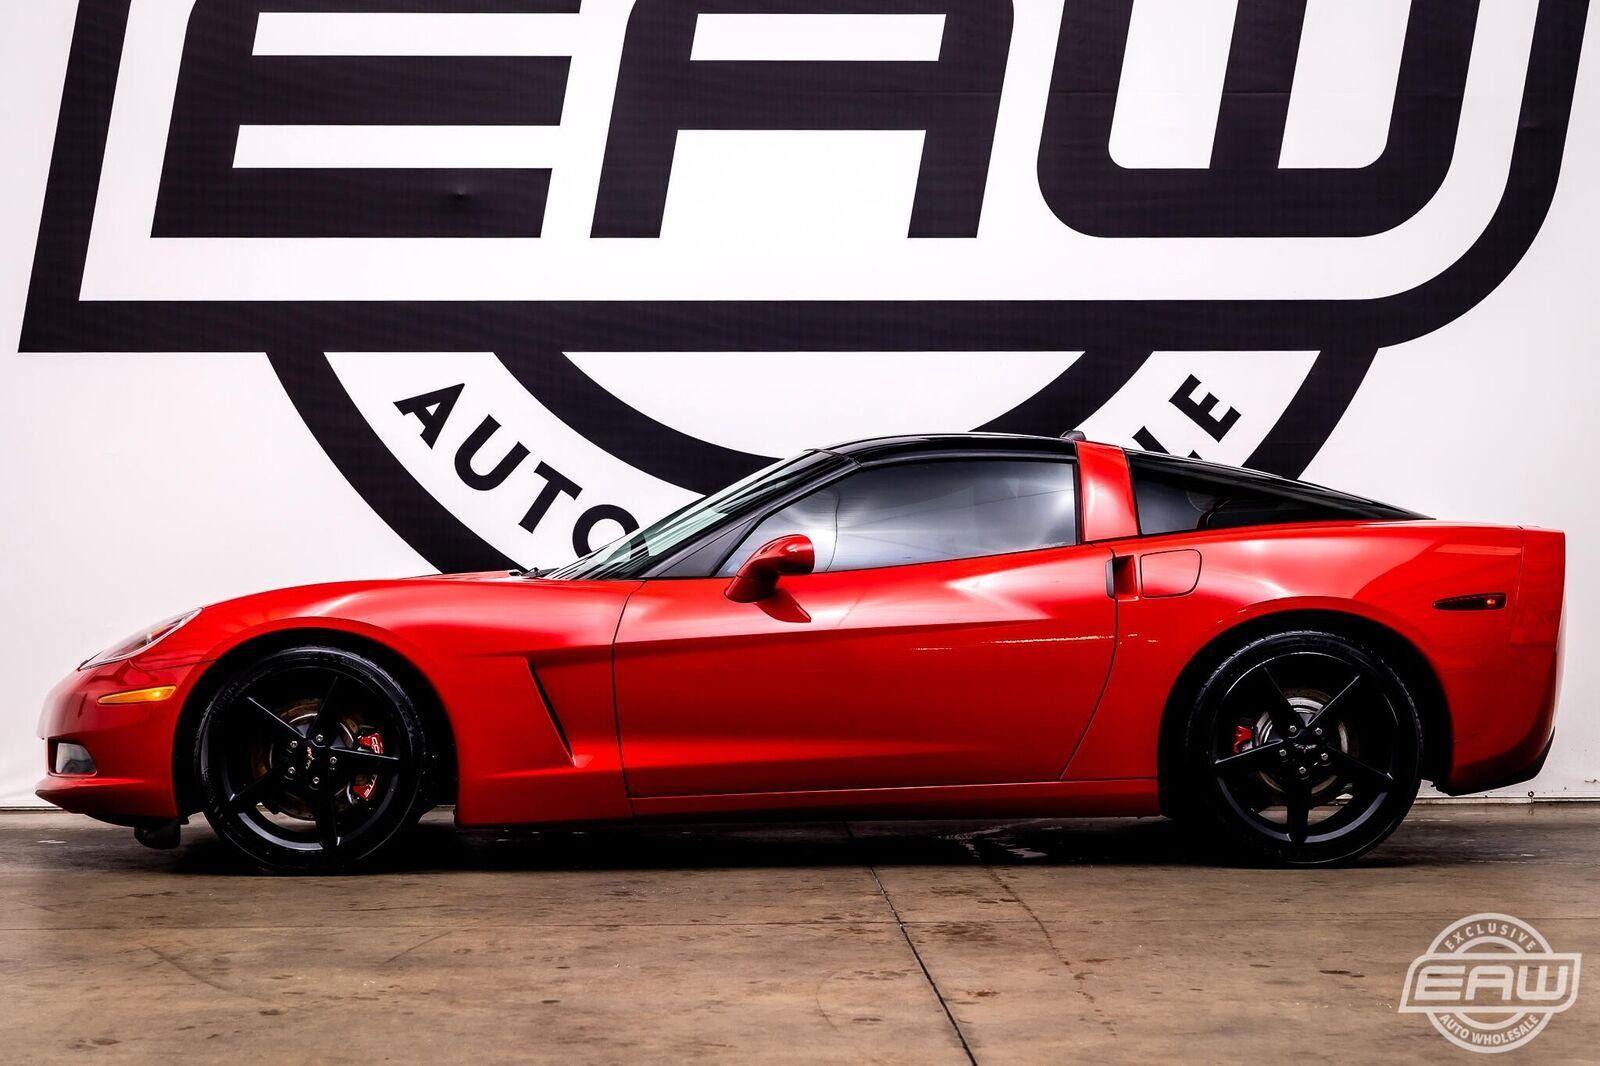 2005 Red Chevrolet Corvette Coupe  | C6 Corvette Photo 6